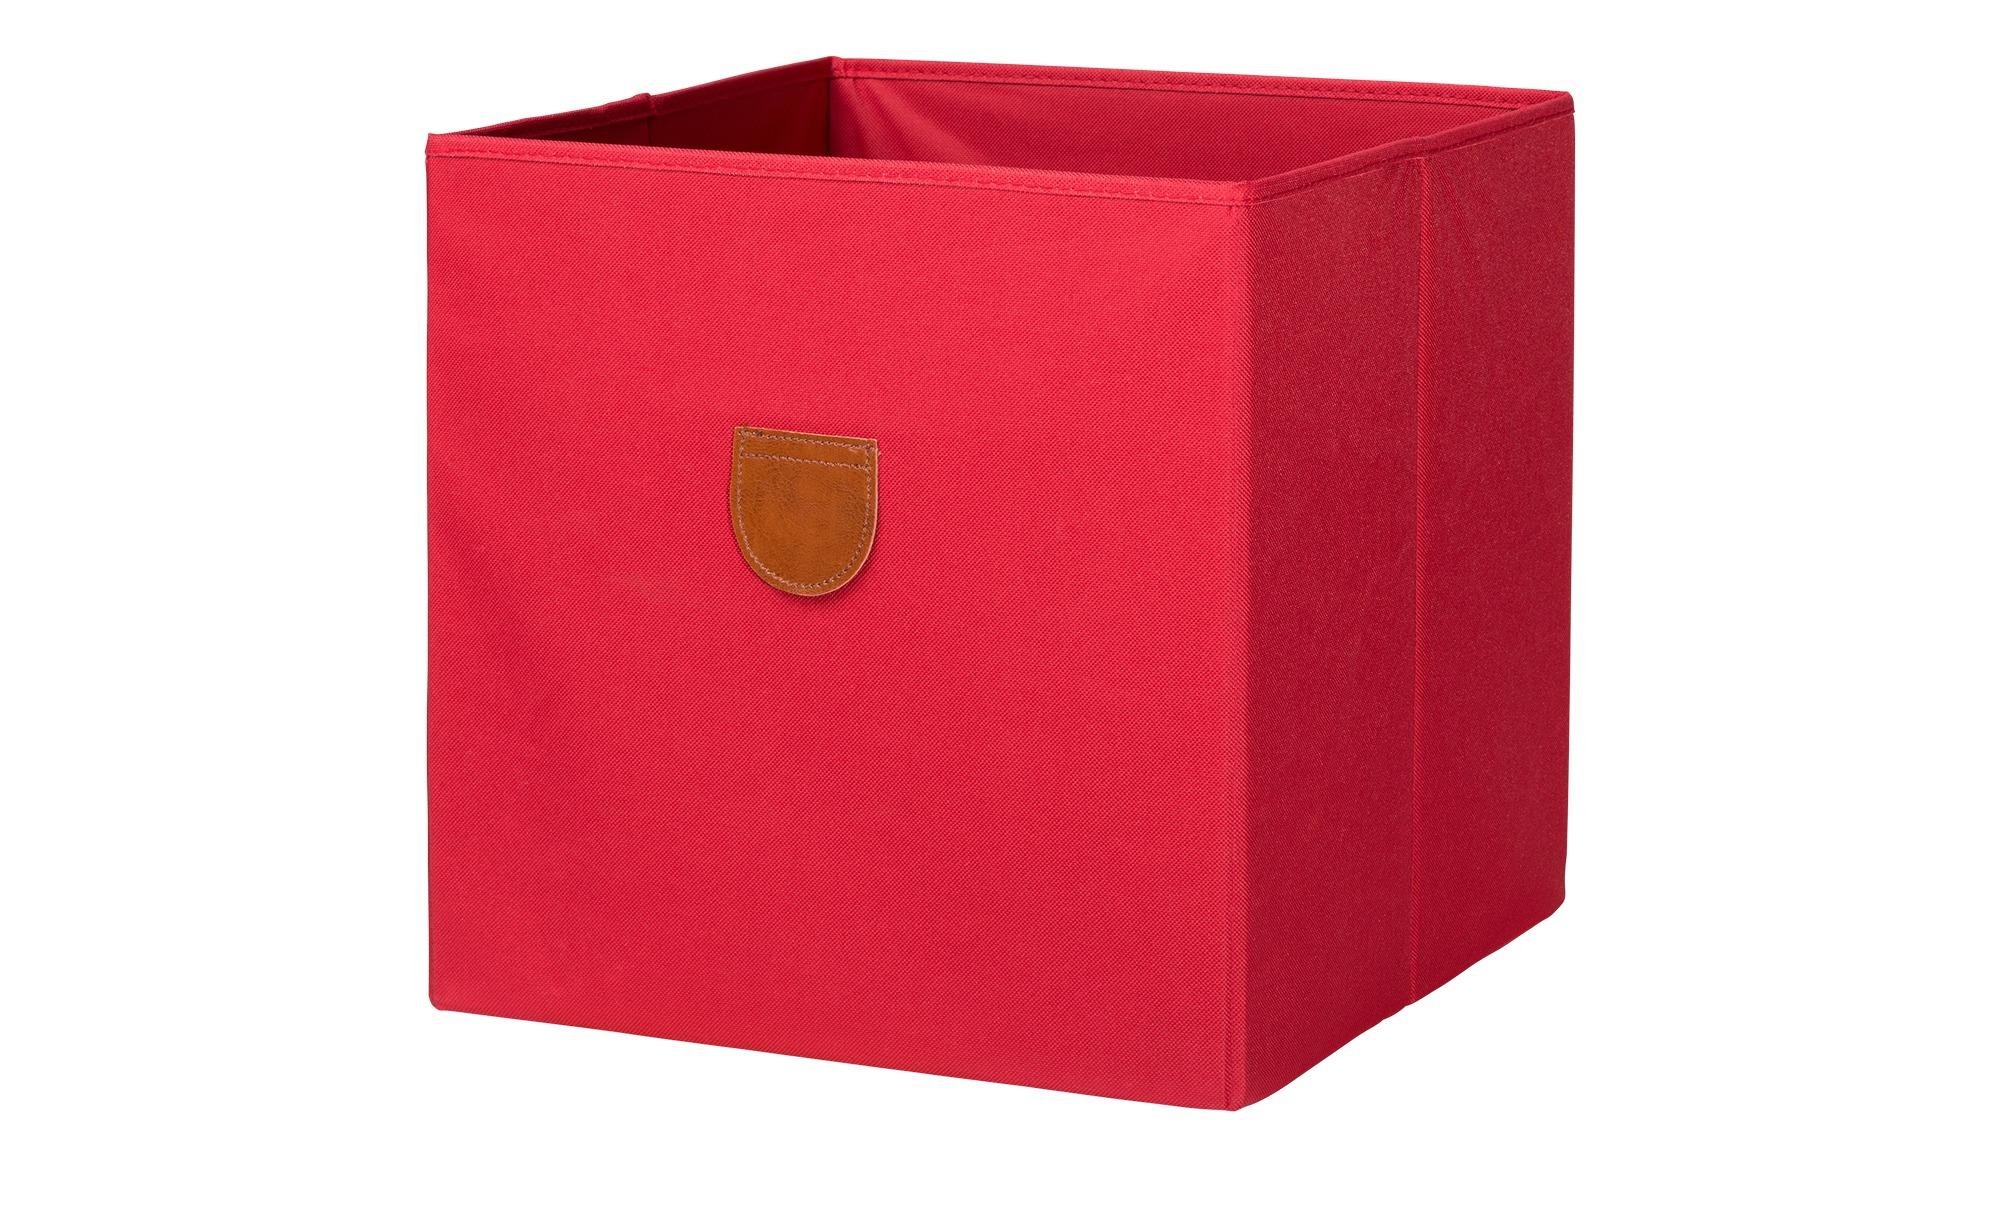 Regalbox ¦ rot ¦ Pappe, Polyester ¦ Maße (cm): B: 34 H: 34 T: 34 Regale > Regal-Aufbewahrungsboxen - Höffner